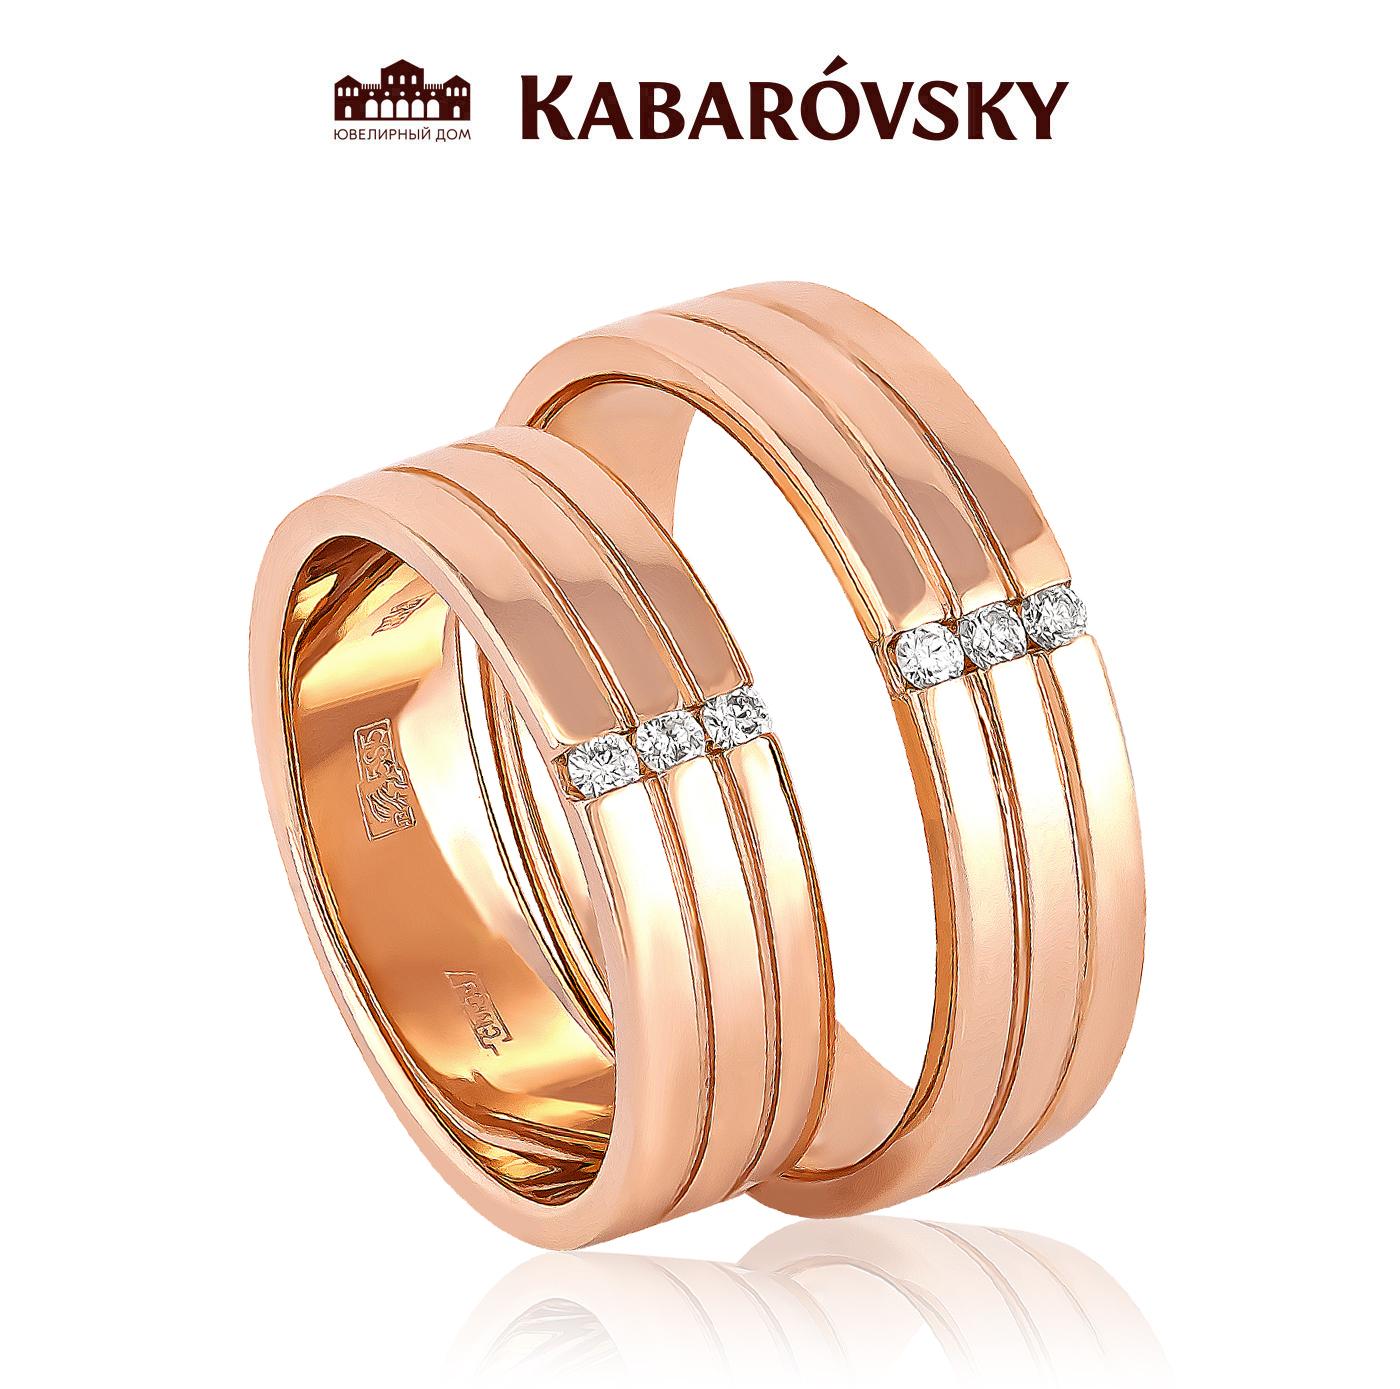 Обручальное кольцо из лимонного золота с бриллиантом арт. 21-2017 21-2017